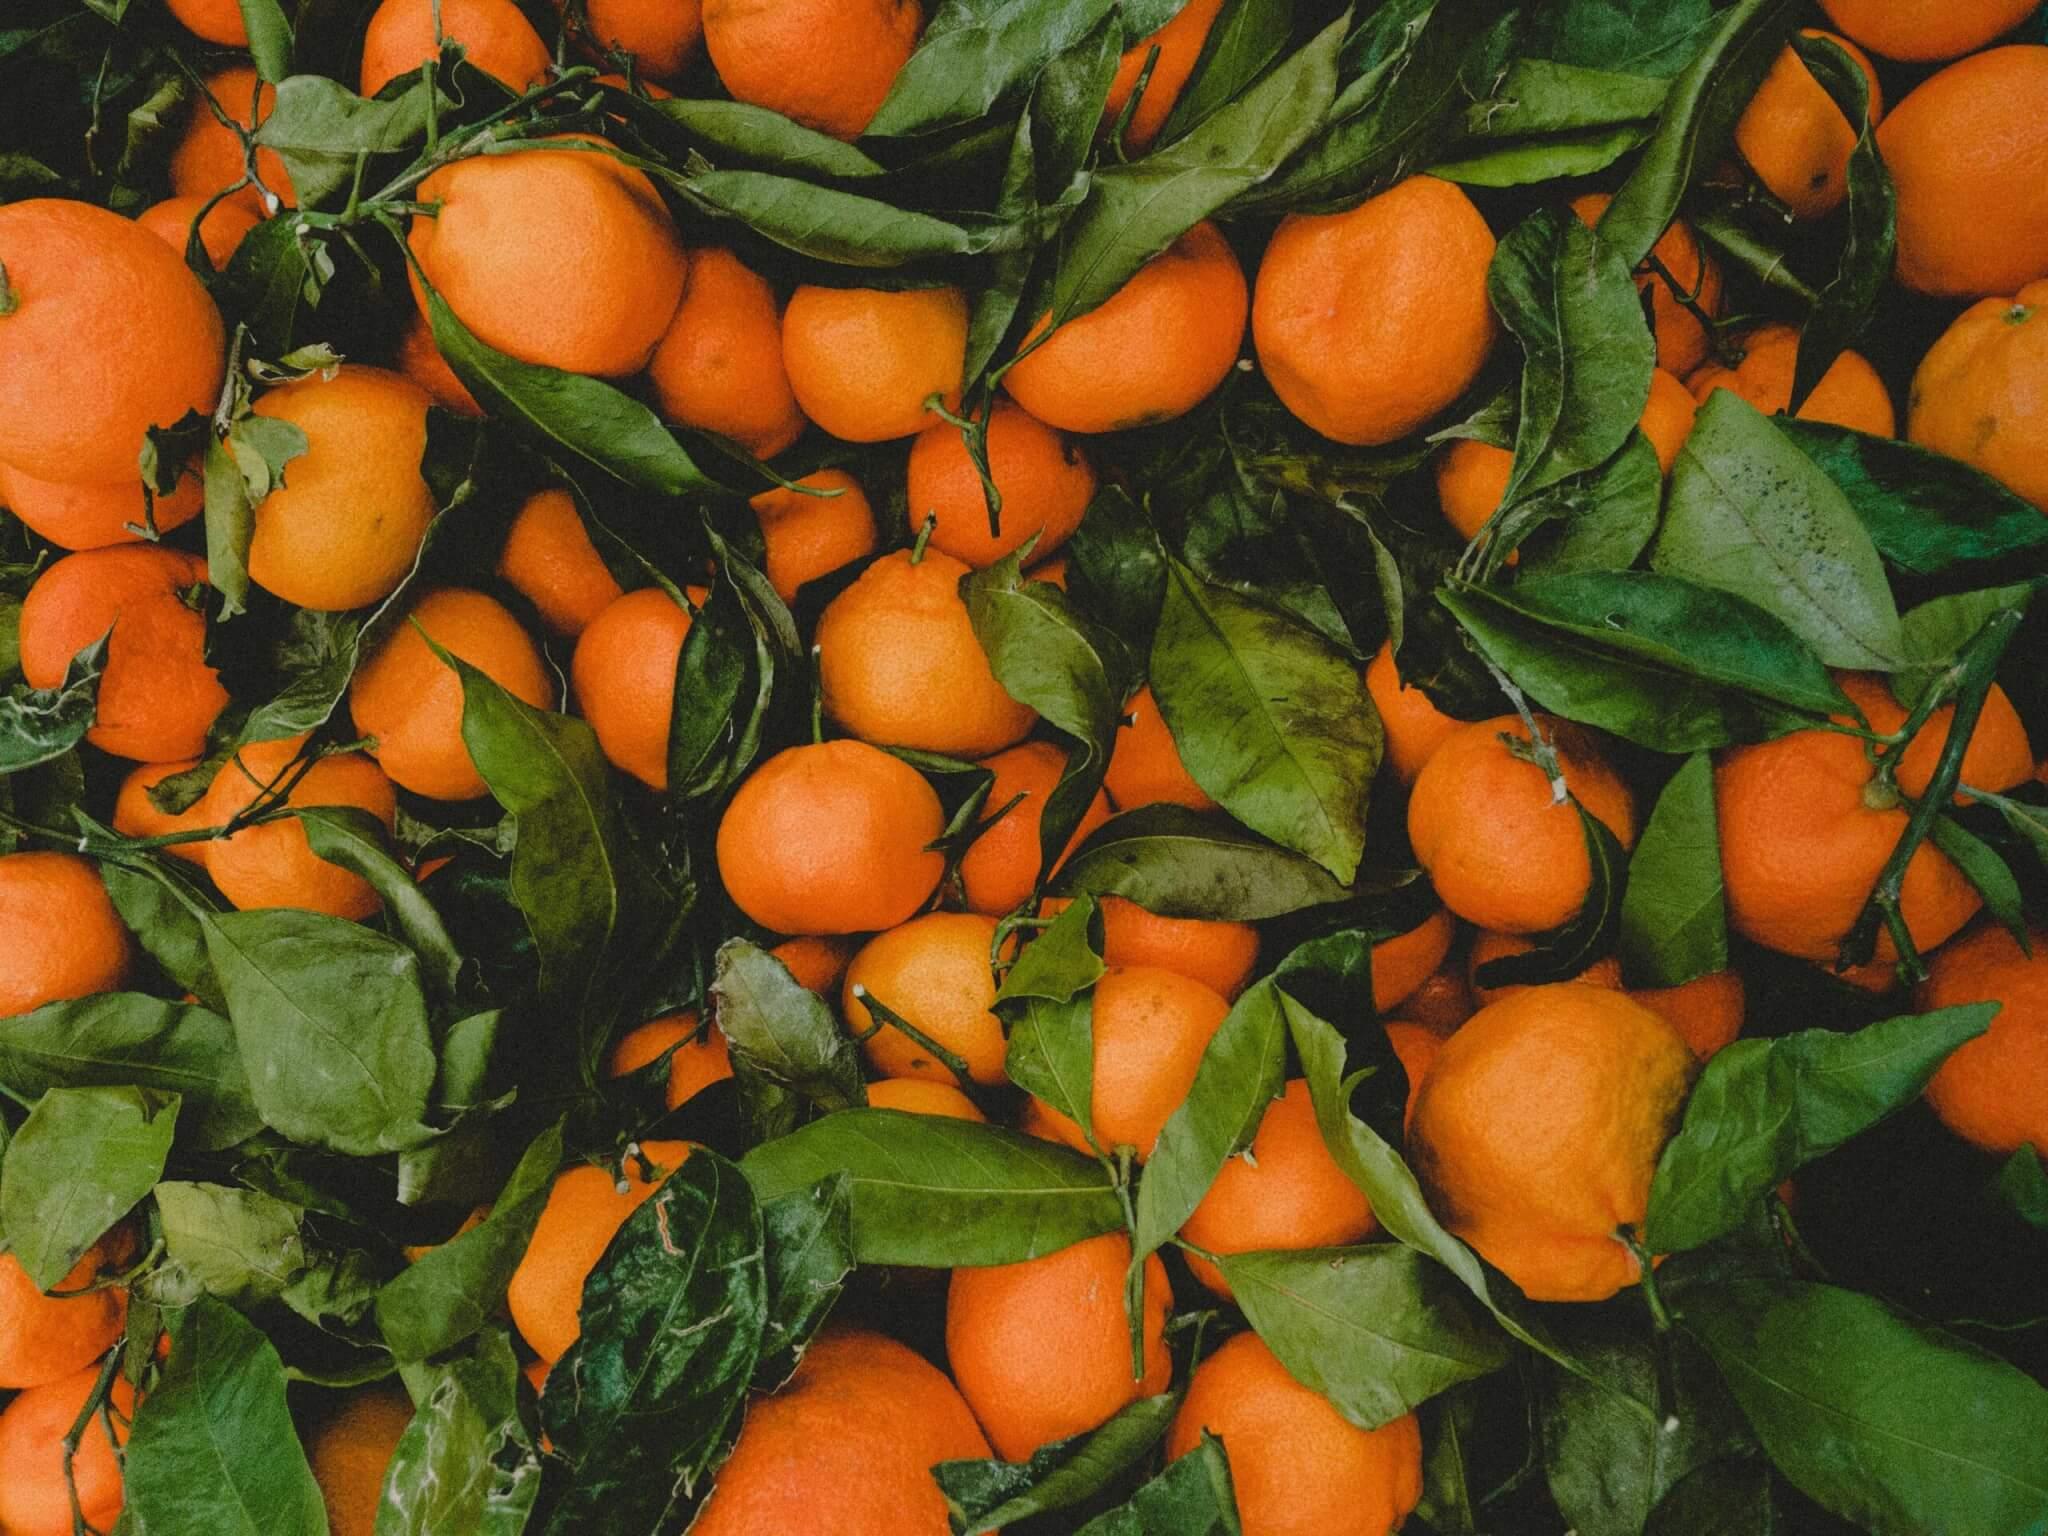 Fruitbedrijf Van den Berge- mandarijnen 7